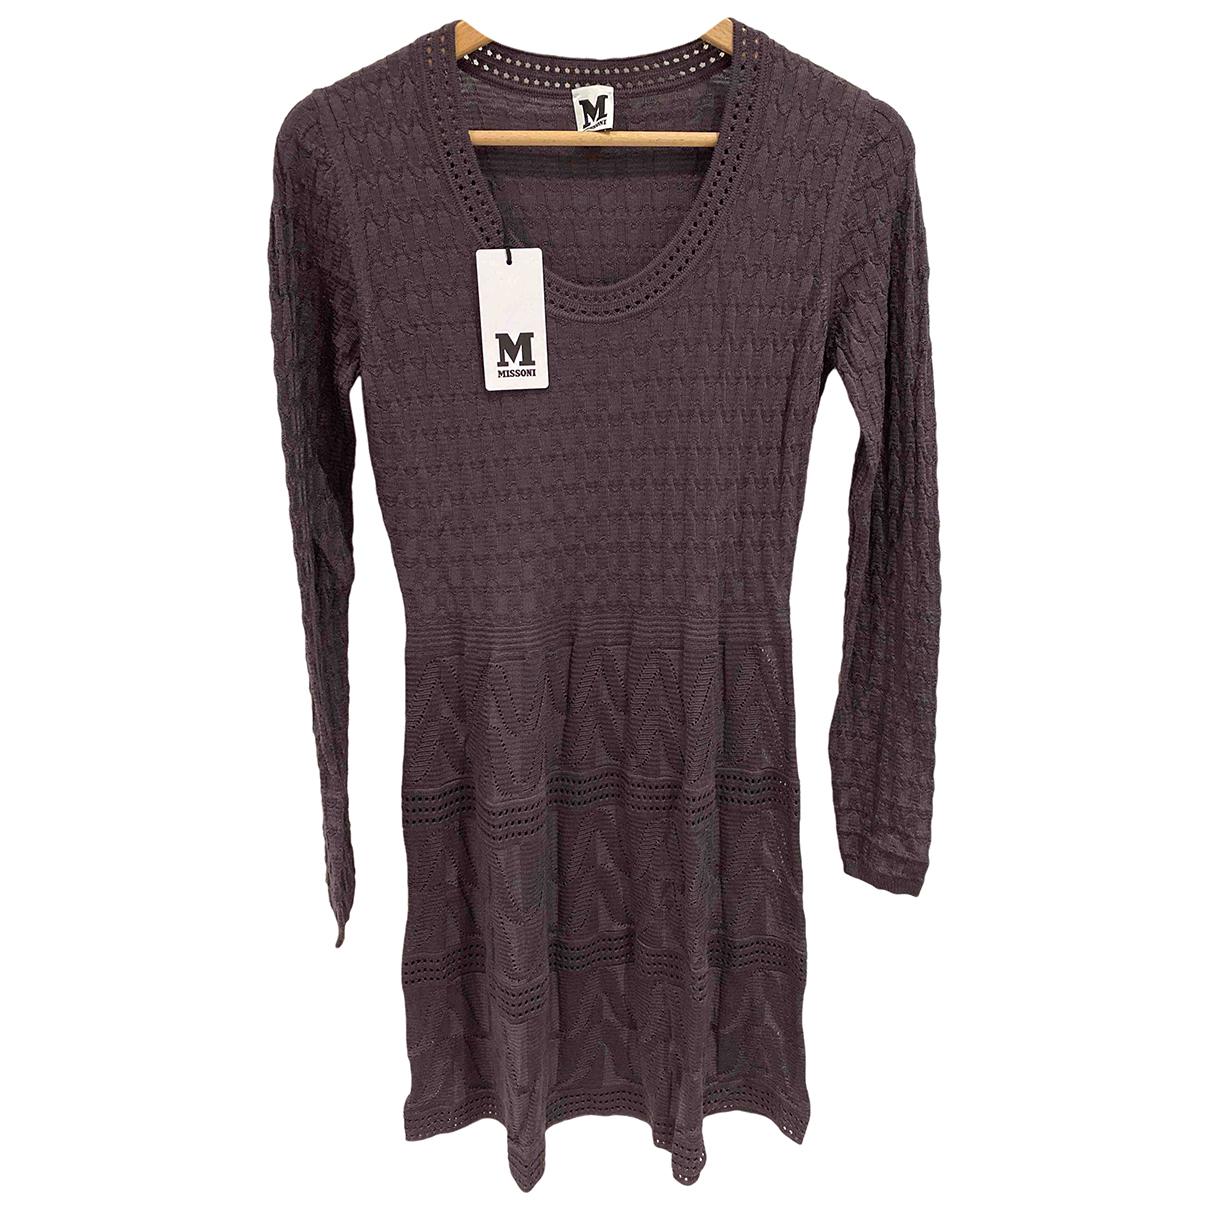 M Missoni \N Kleid in  Braun Baumwolle